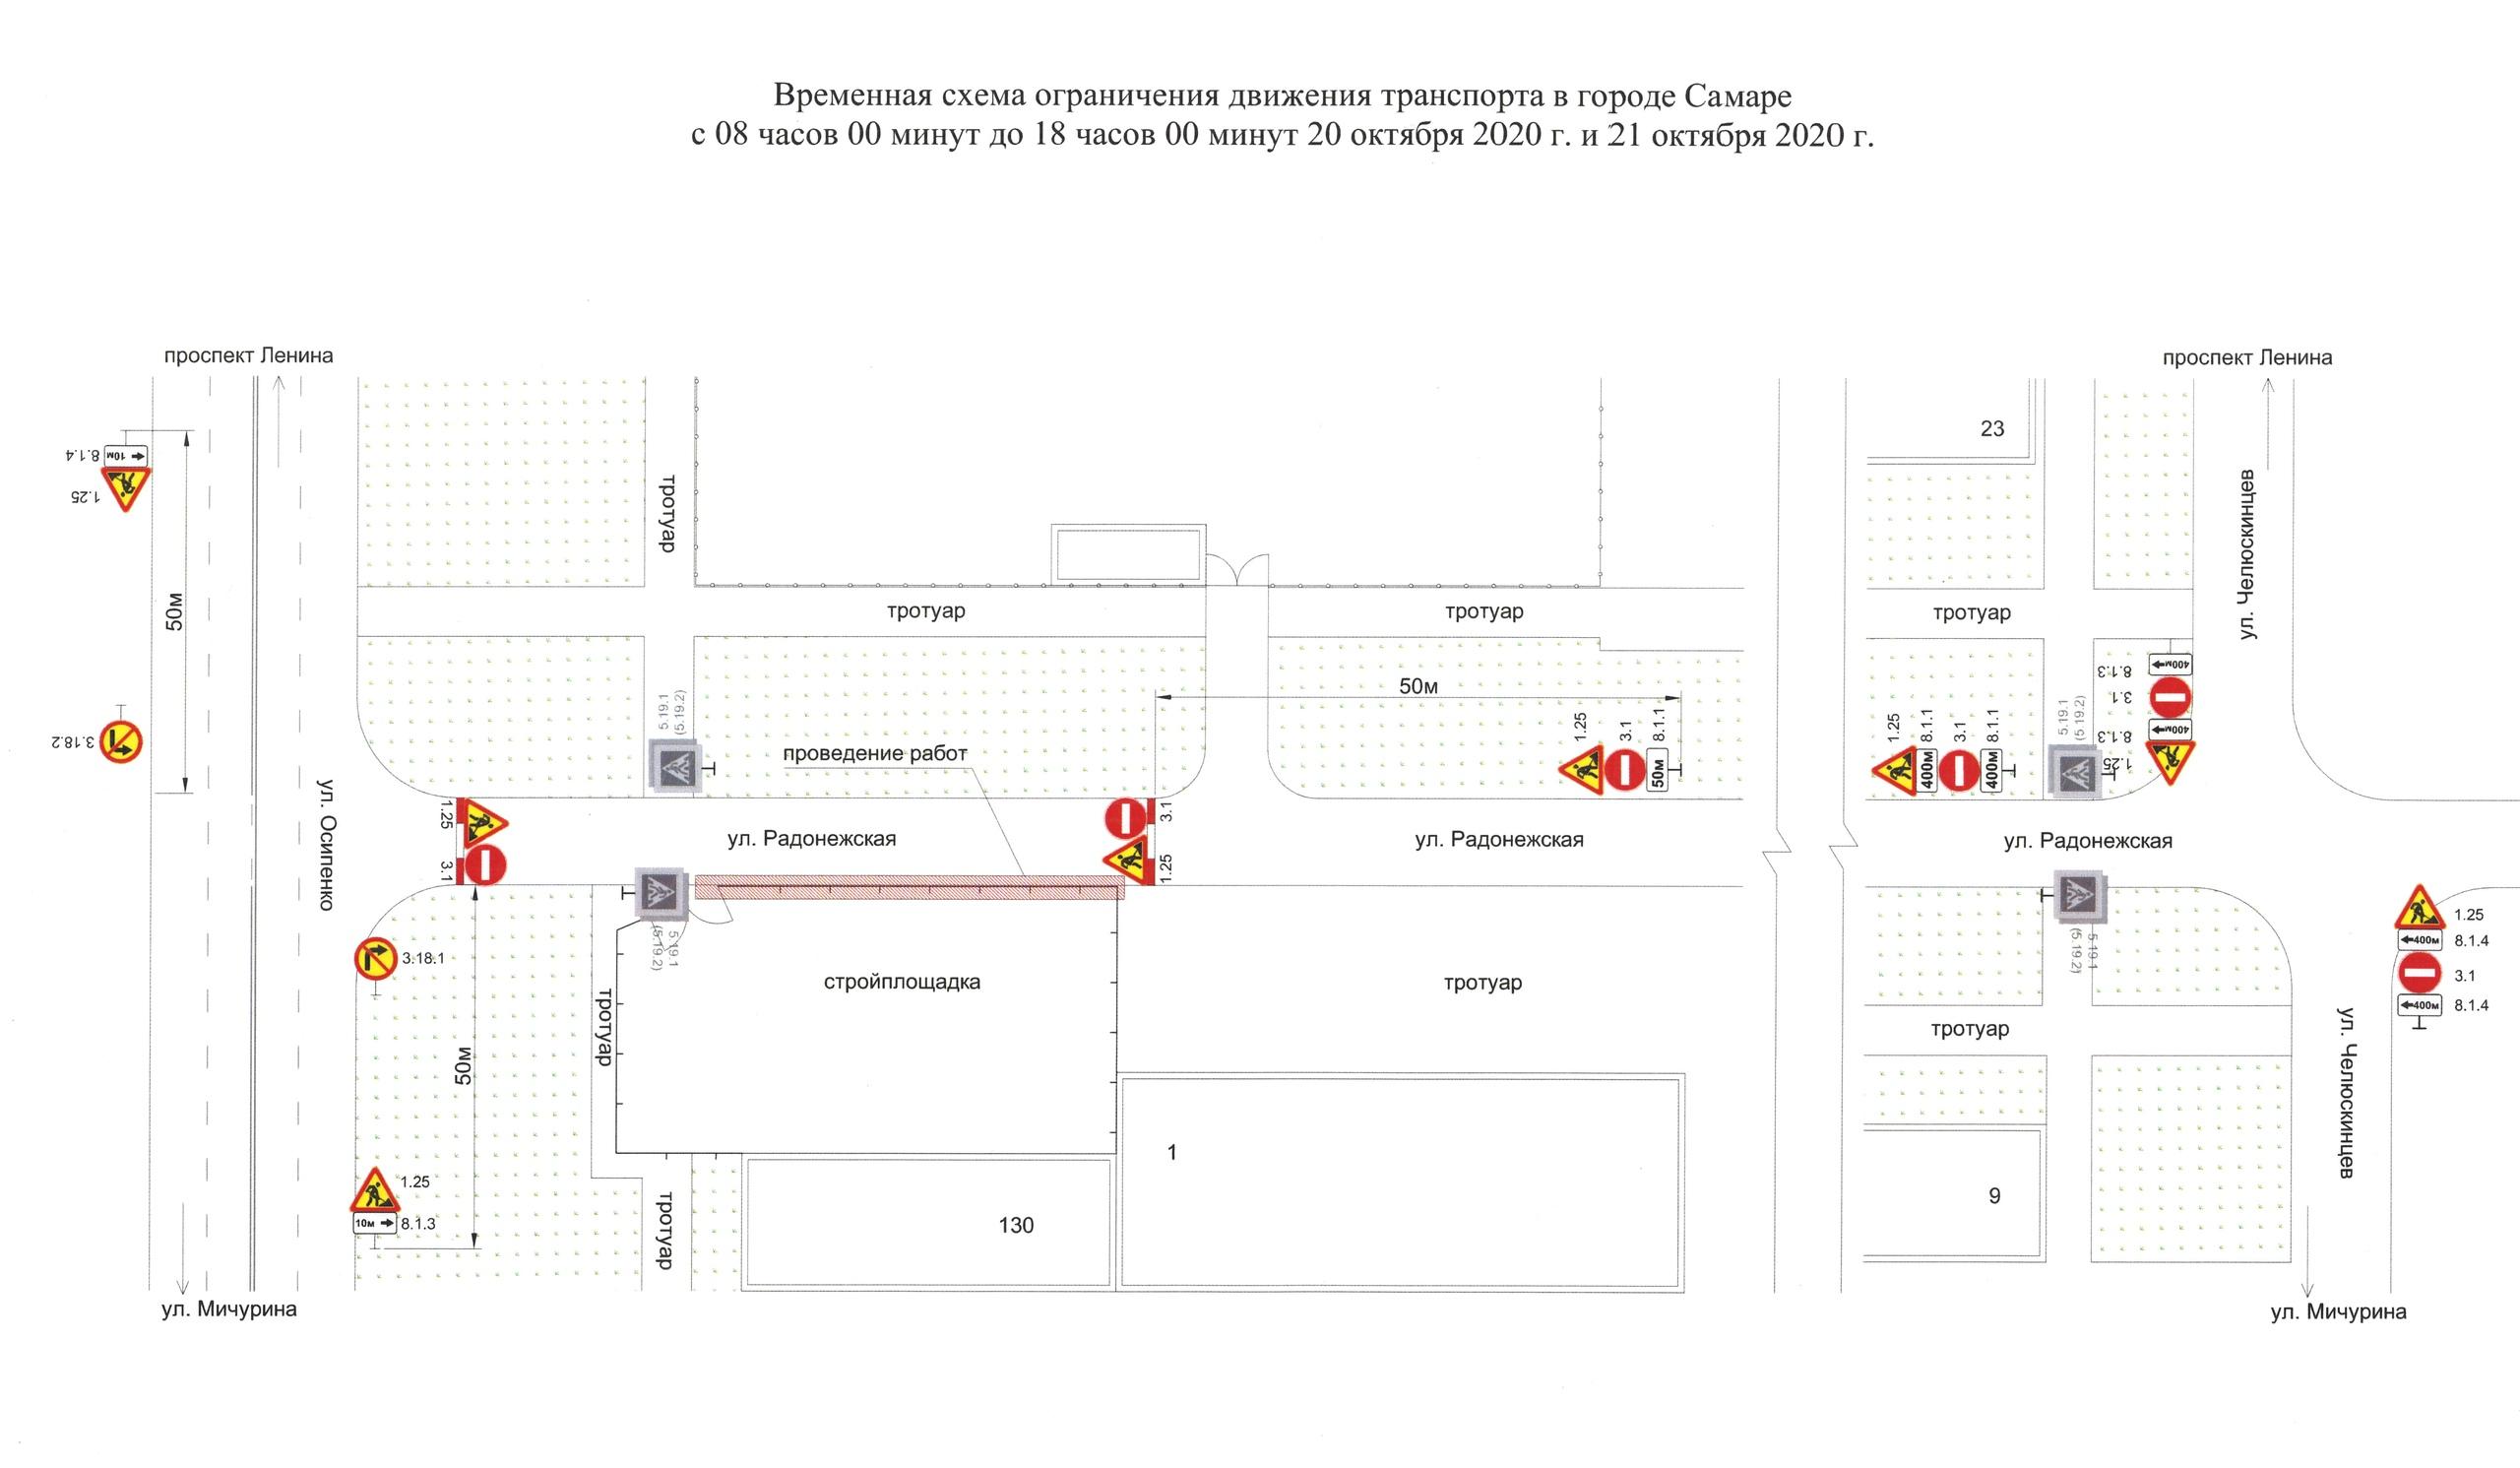 В Самаре на два дня ограничат движение по улице Радонежской